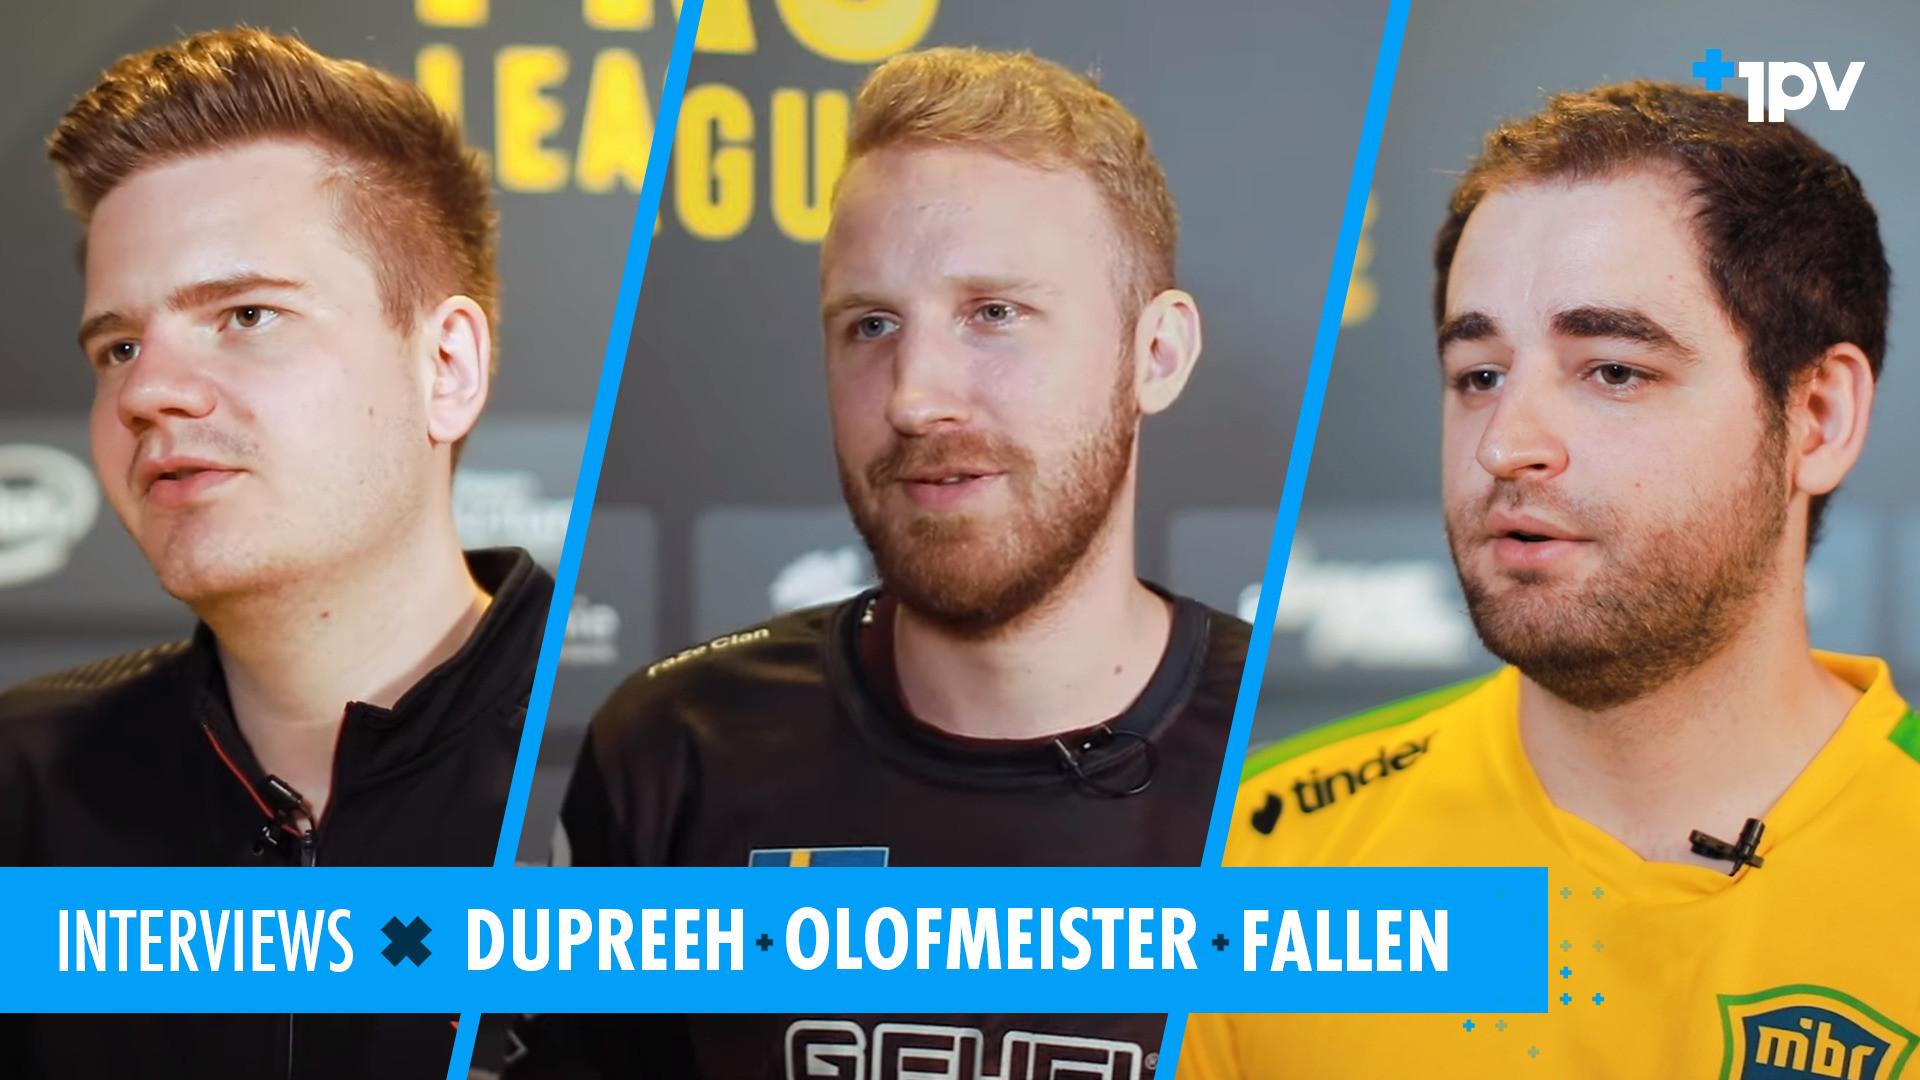 Interview avec dupreeh, olofmeister & FalleN